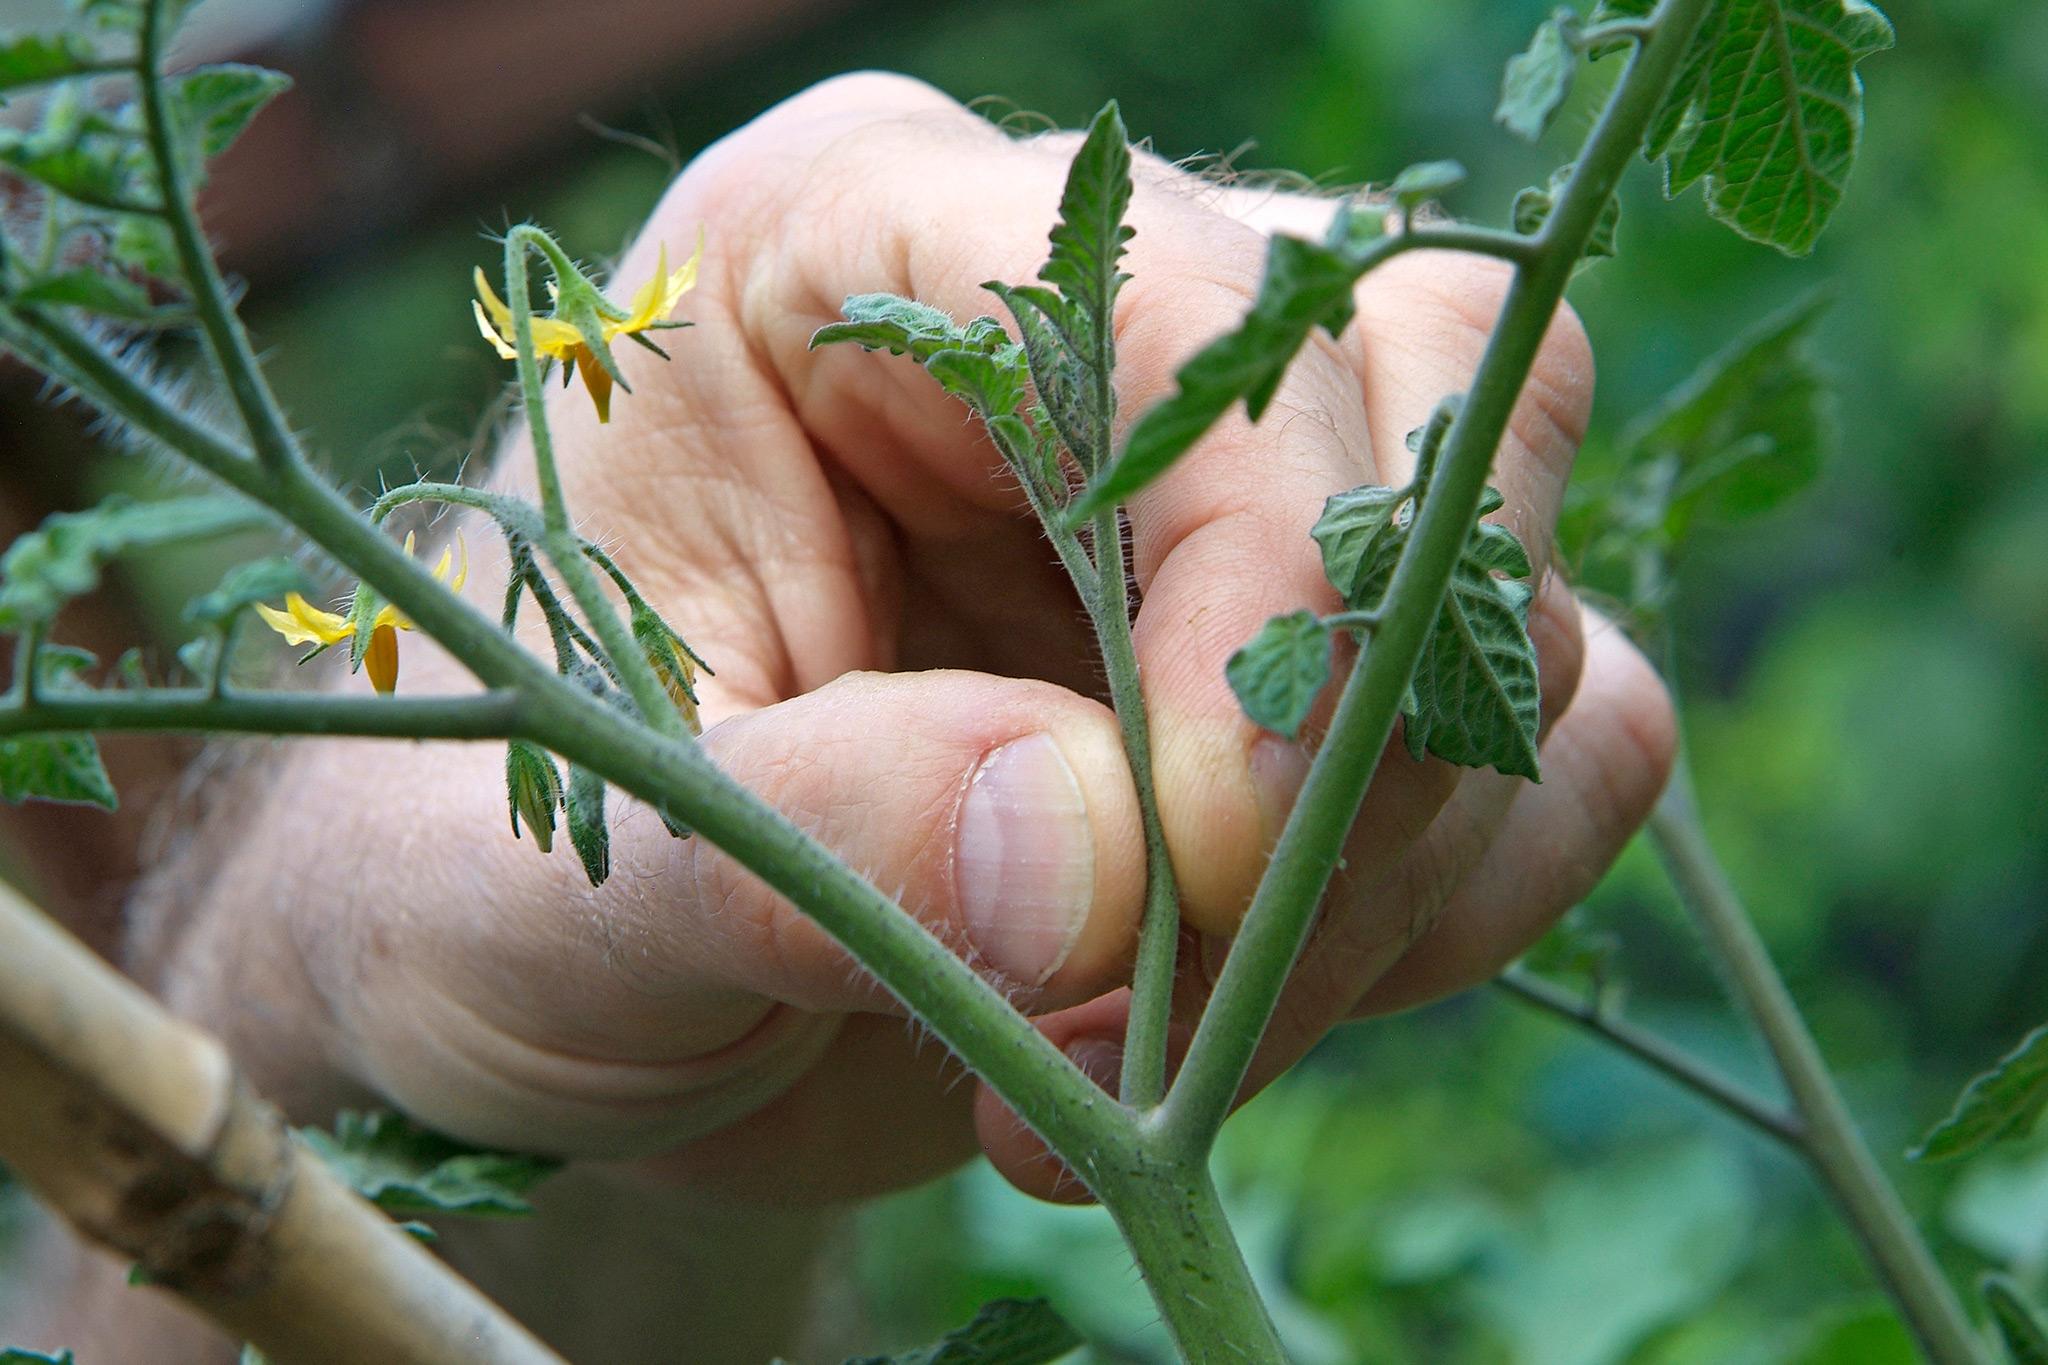 pinching-out-tomato-sideshoots-3